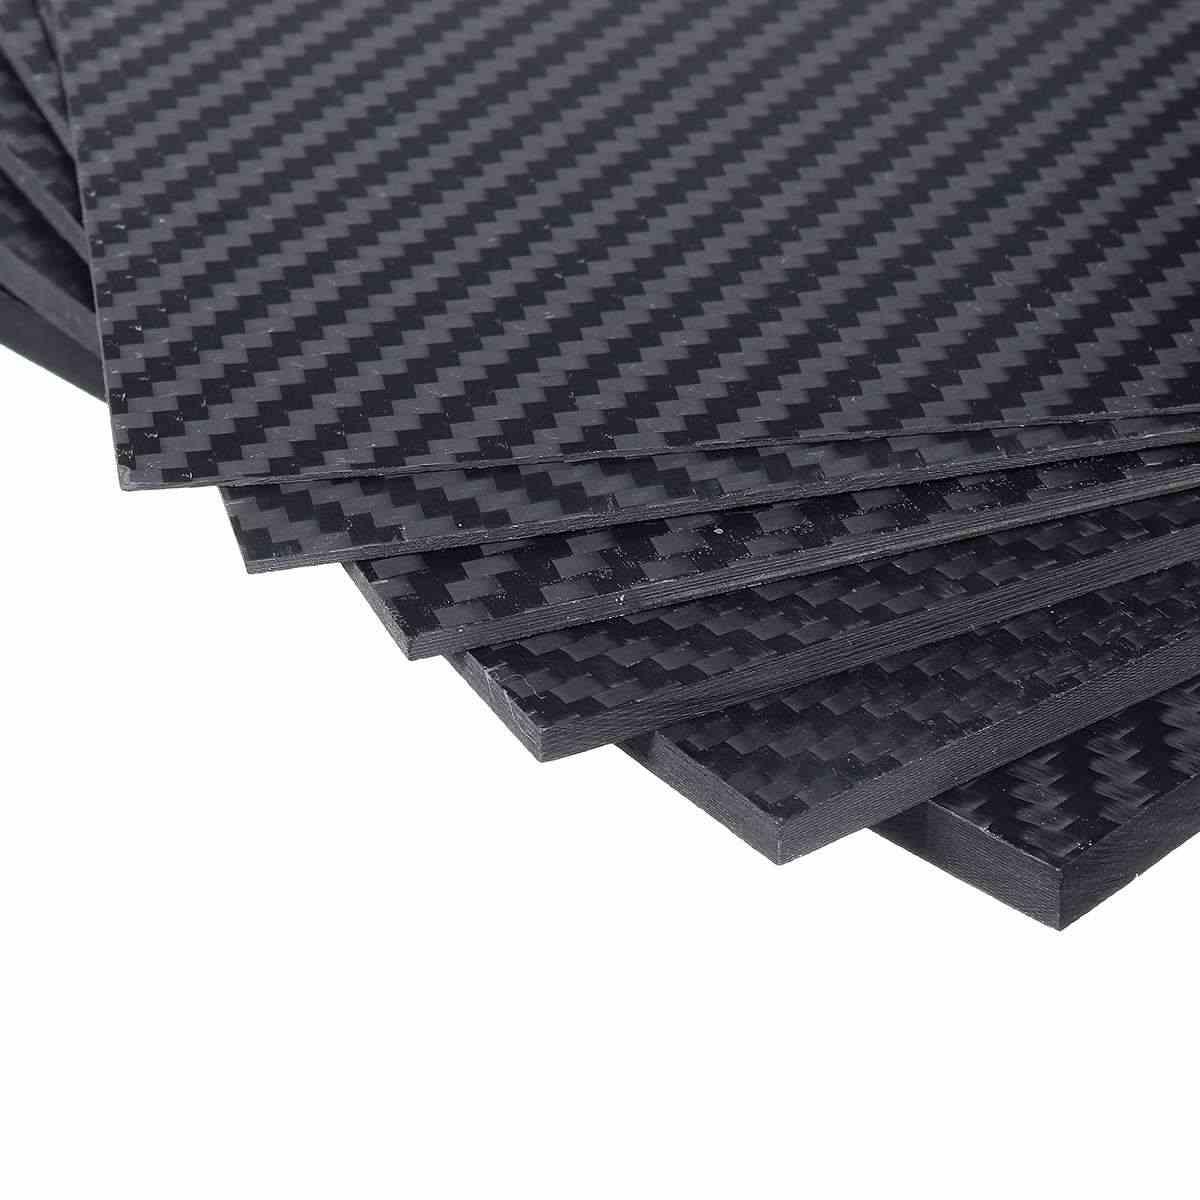 0.5-5 MM 100X250mm 3 K matowy powierzchni Twill płyta węglowa Panel arkuszy wysokiej twardości kompozytowej materiał anty-uv węgla płyta pilśniowa